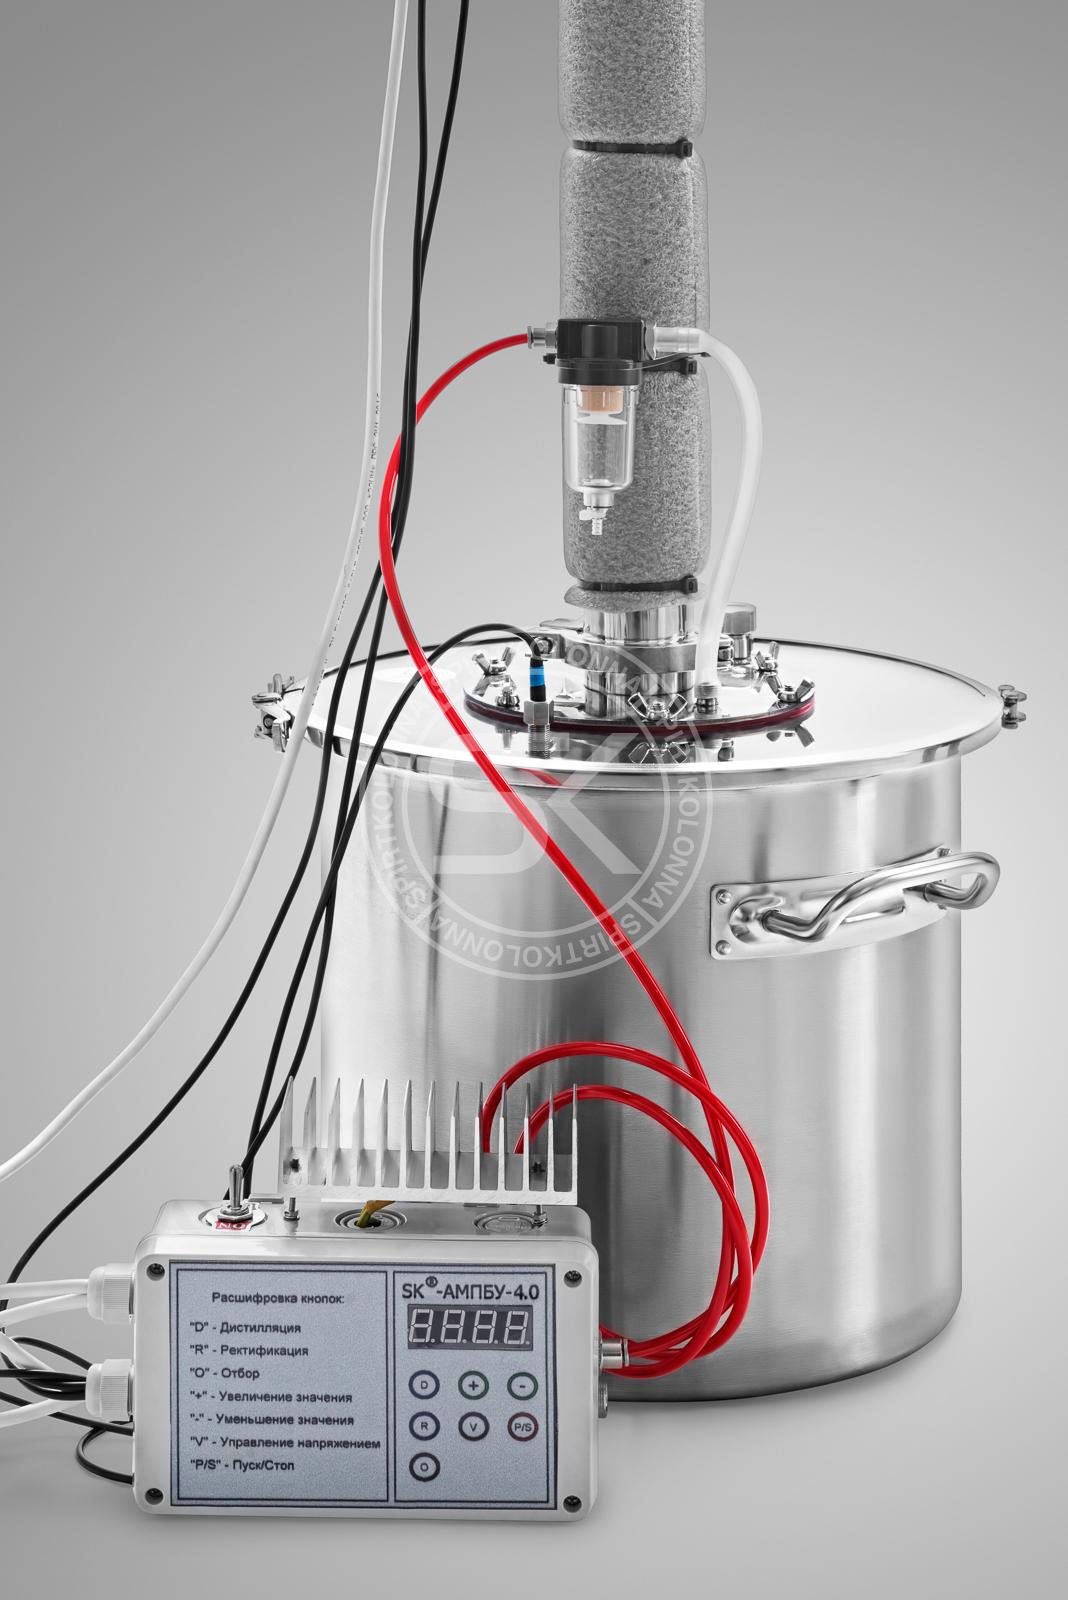 Ректификационный автоматический самогонный аппарат самый популярный самогонный аппарат